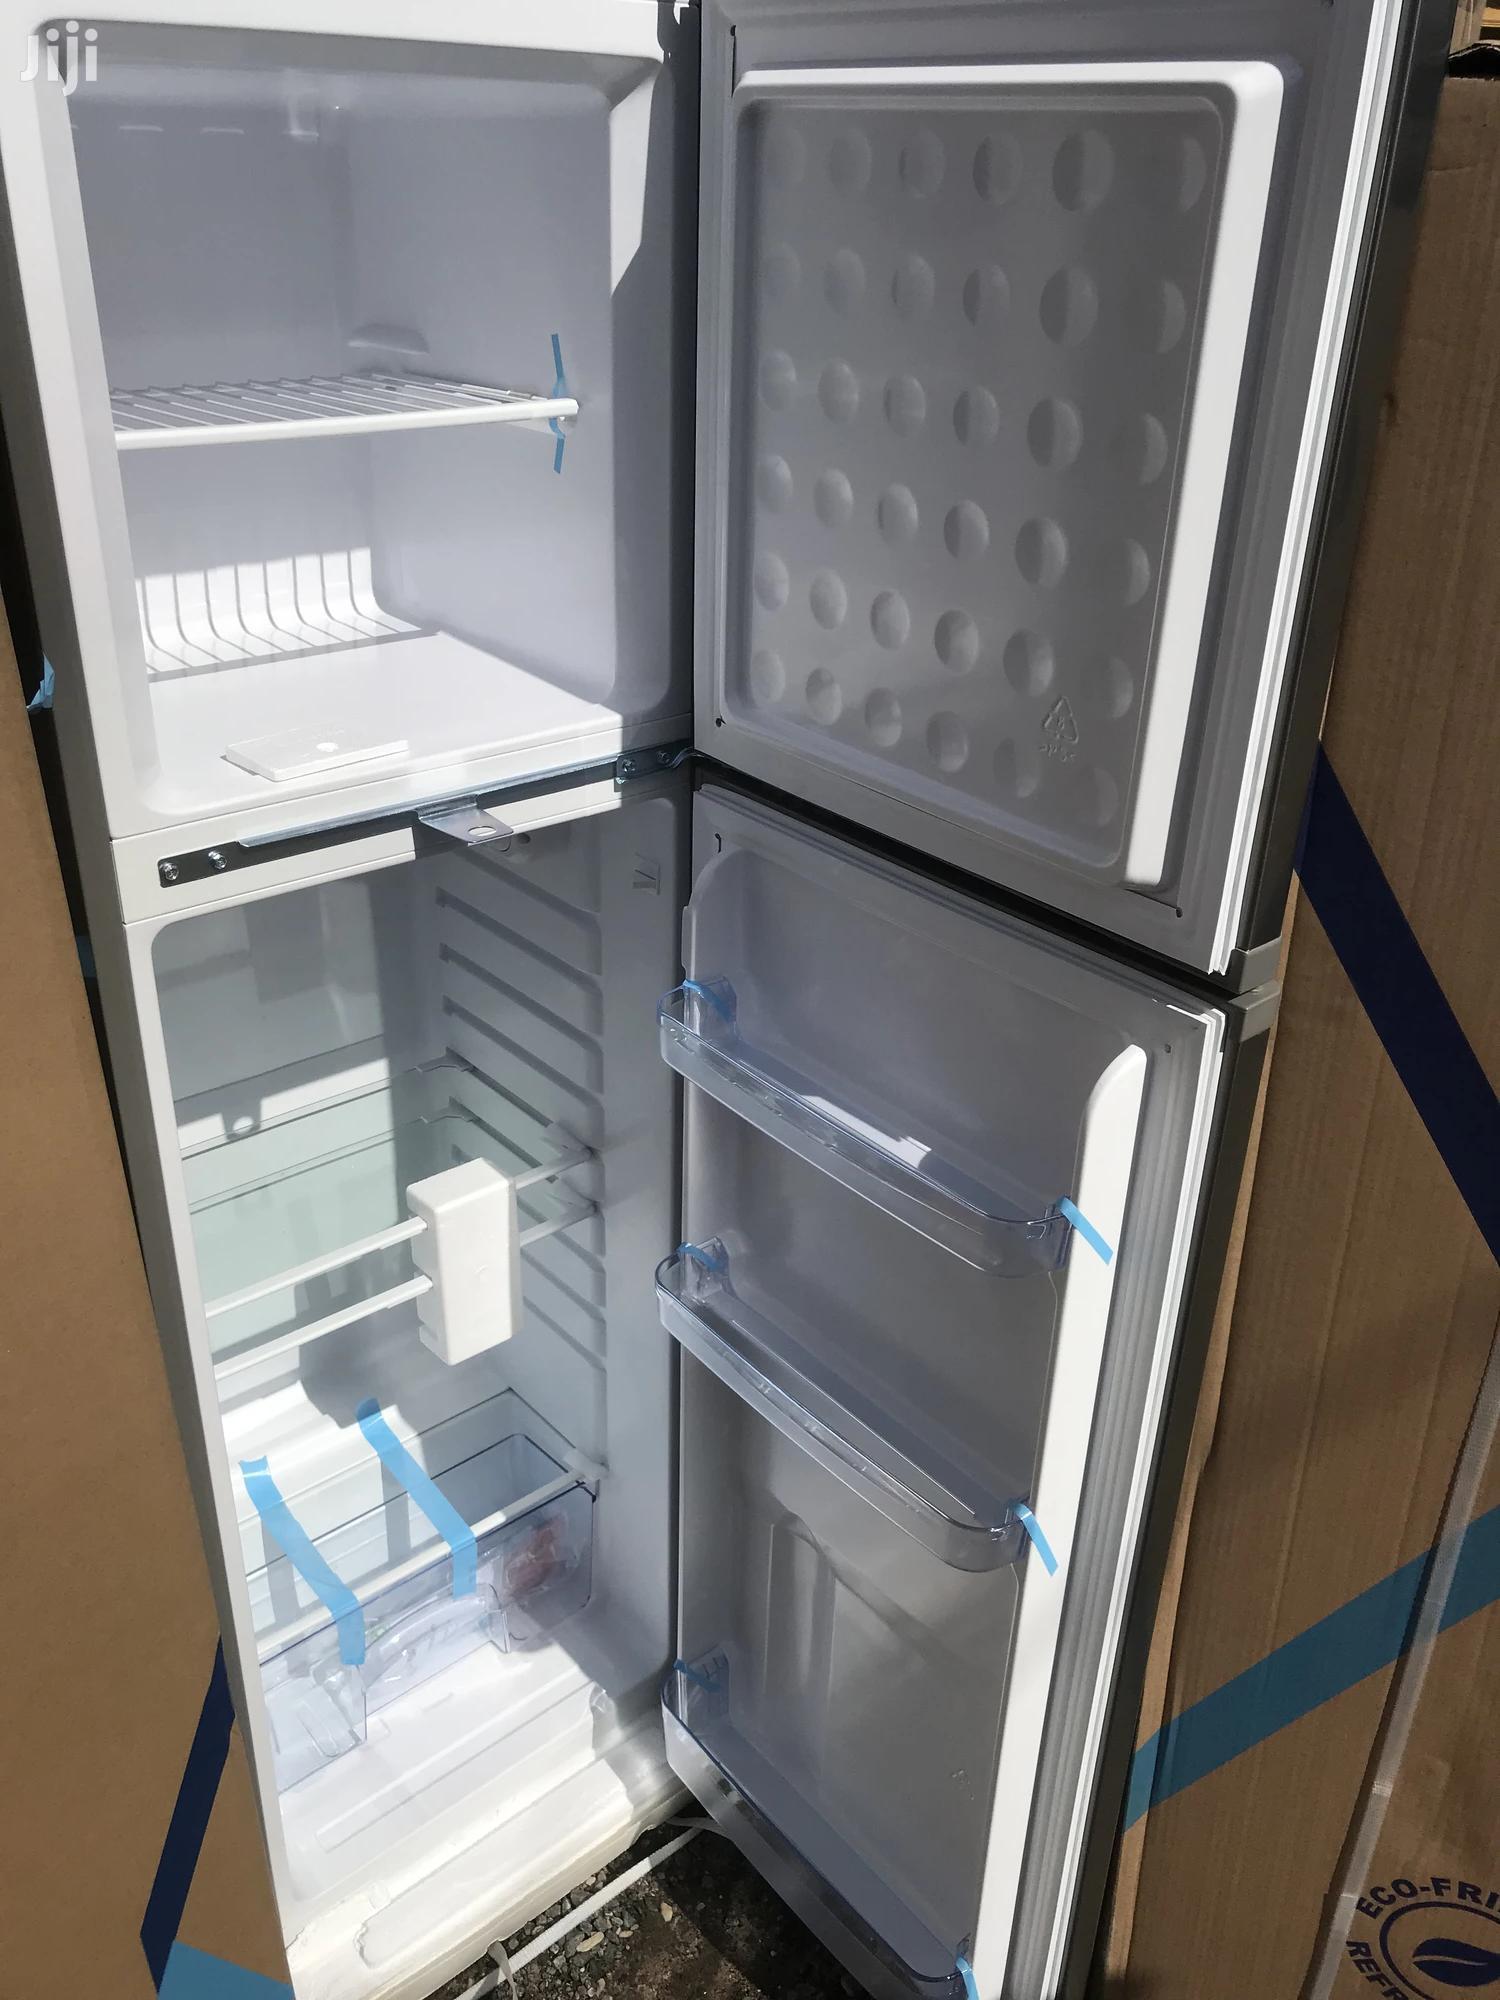 Top Freezer Pearl Fridge ~~Pf~270ix~147 Liters